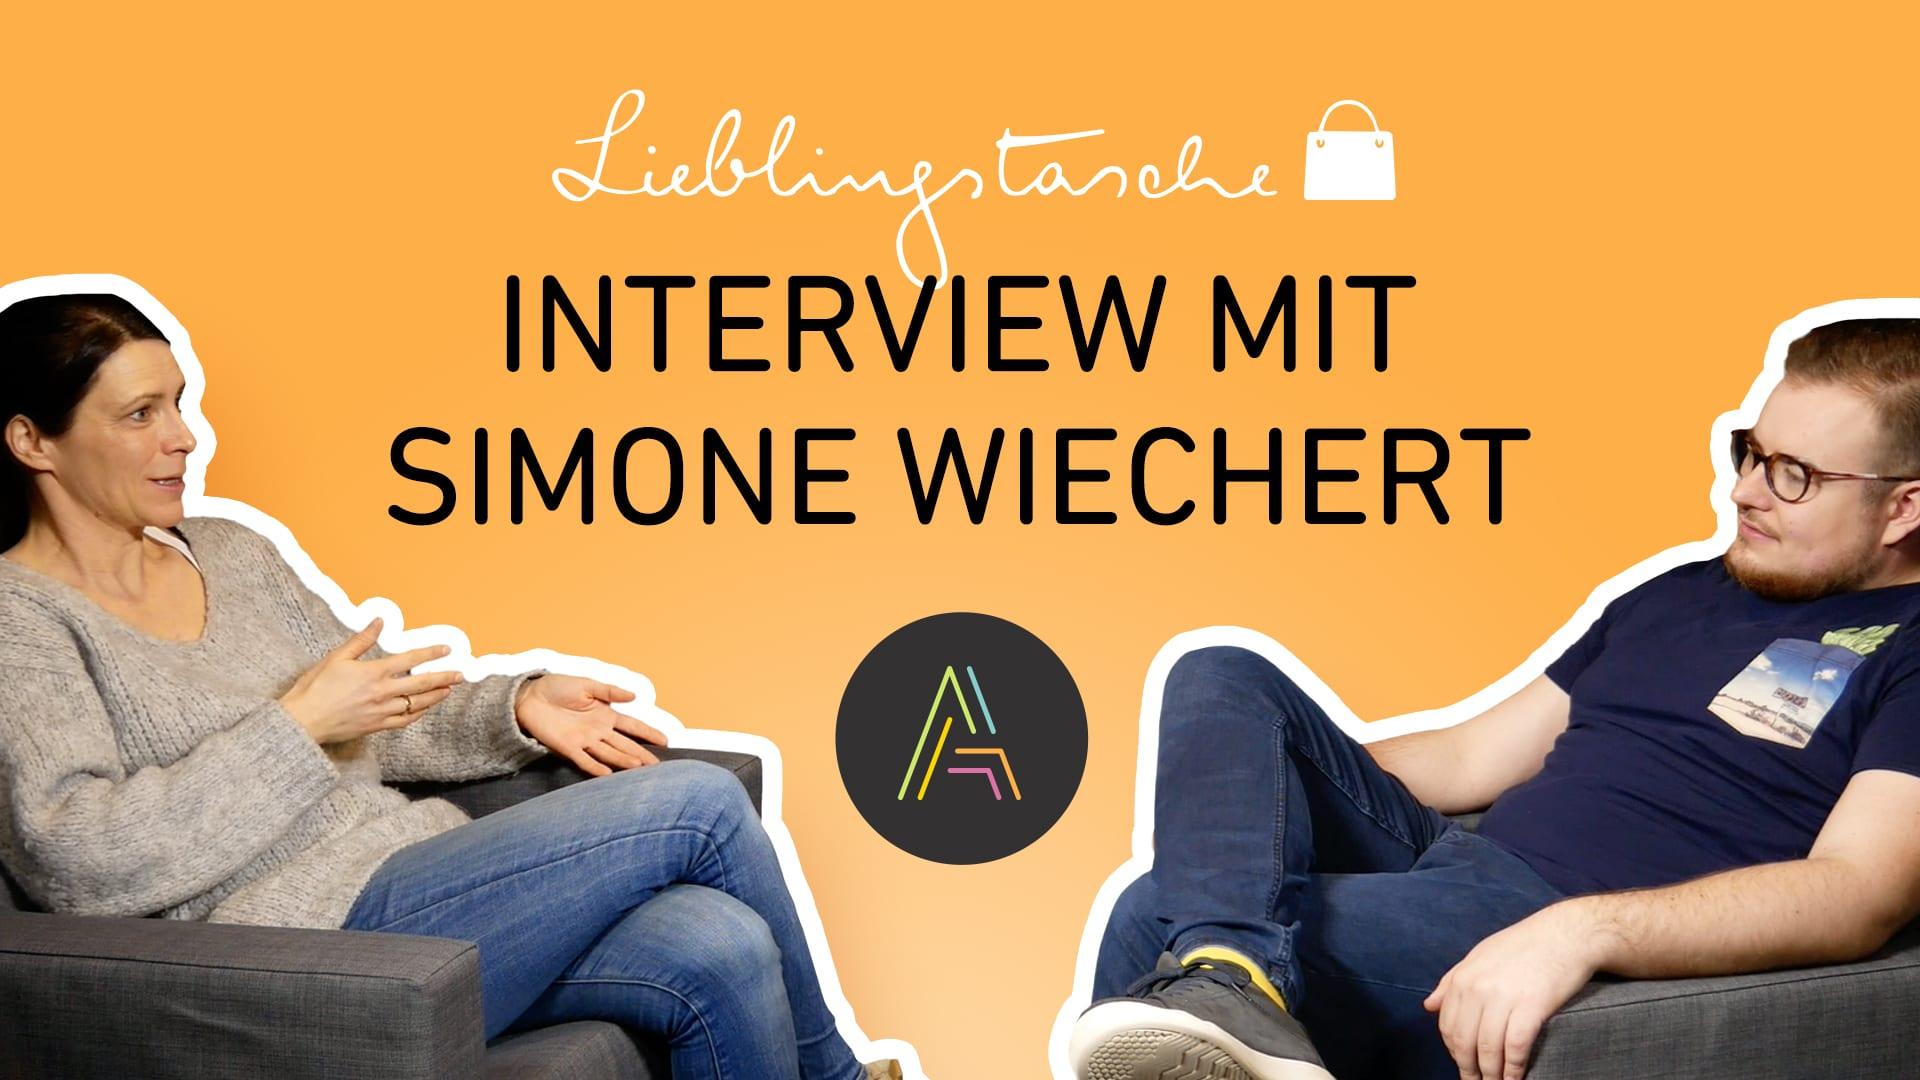 Lieblingstaschen CEO Simone Wiechert